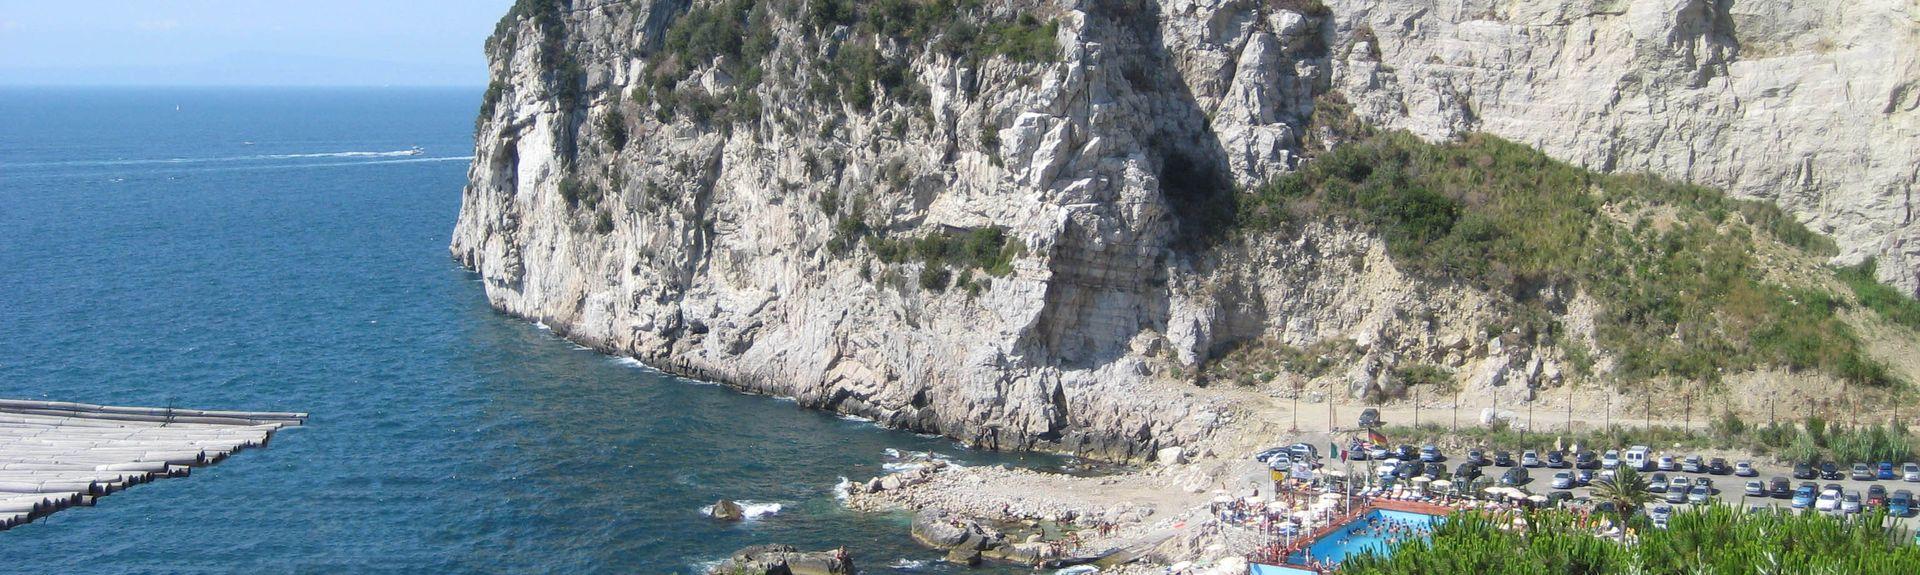 Castellammare di Stabia, Kampania, Włochy